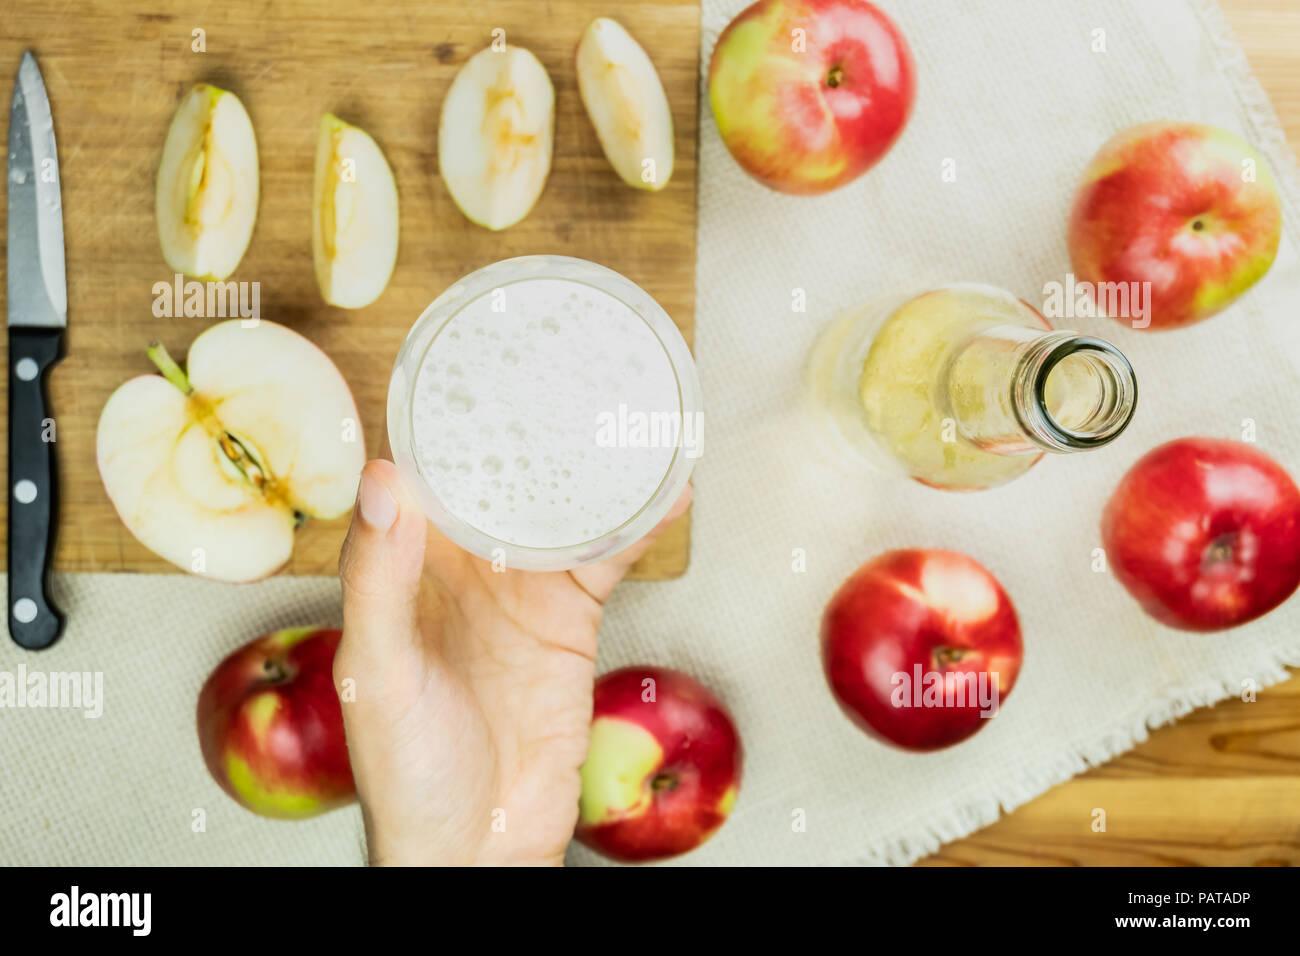 Lay piatto con un bicchiere di spumante di cidre drink sulla tavola in legno rustico. Il punto di vista della mano che trattiene il vetro del fatto in casa e sidro coltivati localmente organic Immagini Stock